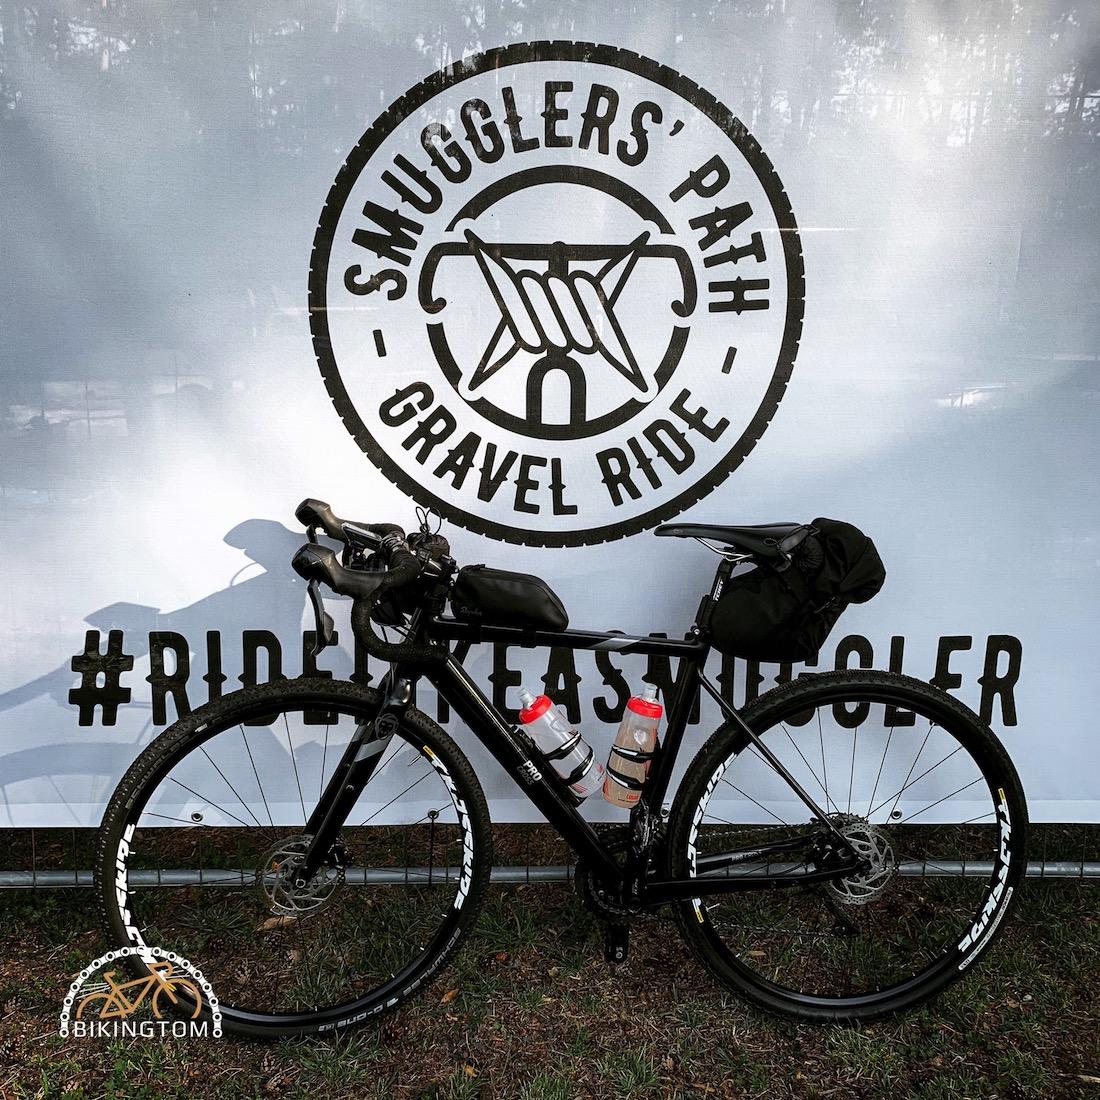 Smugglers Path,Gravelride,Gravel,bikingtom